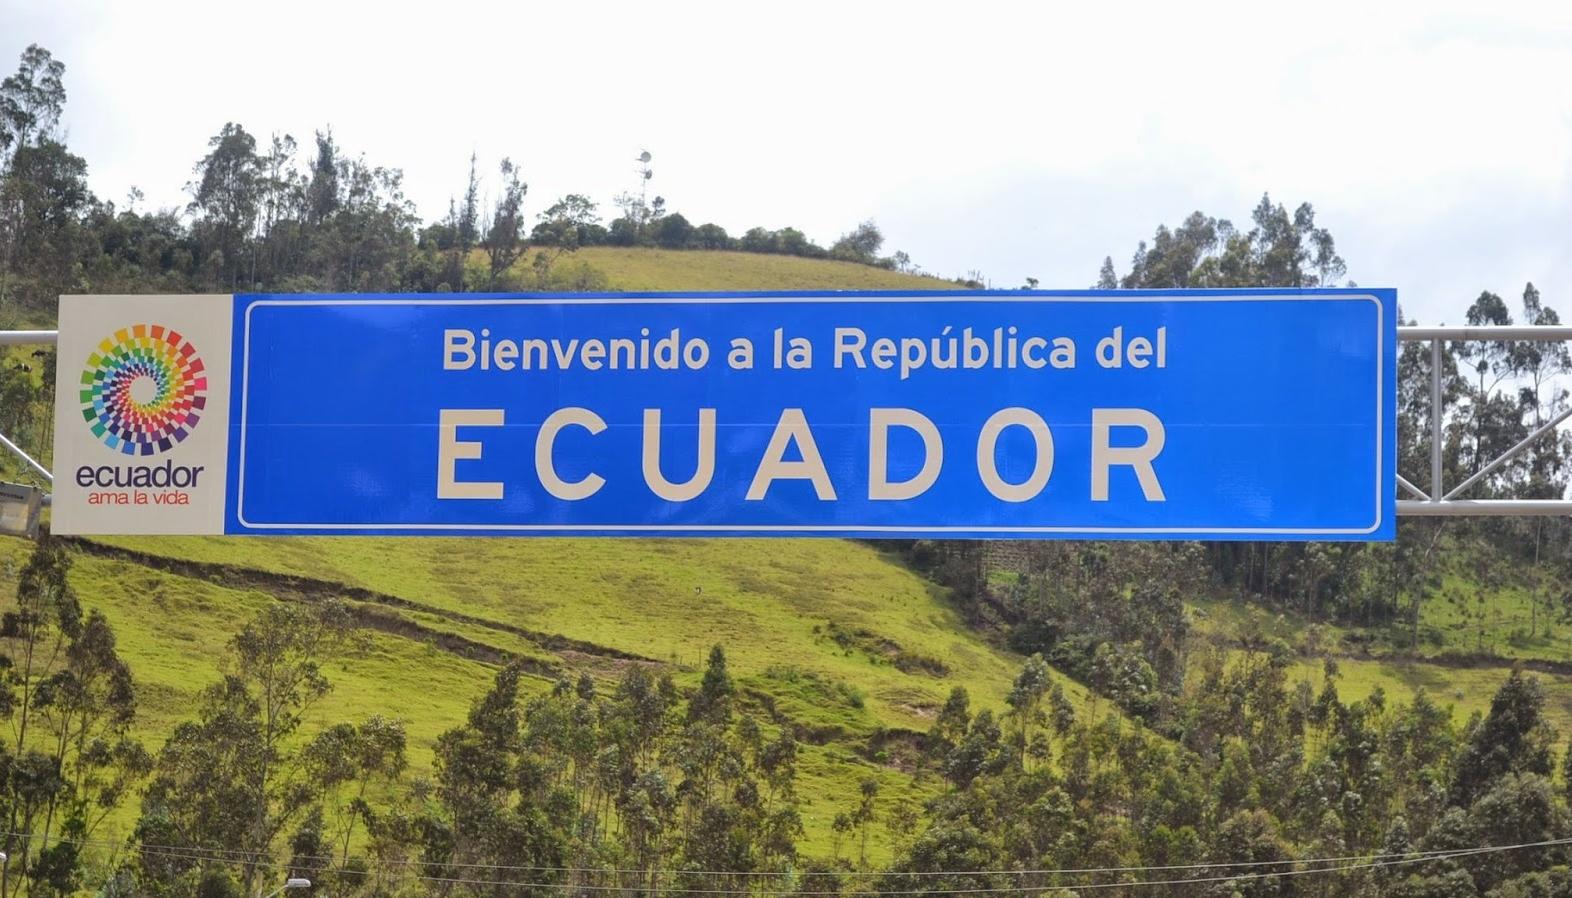 Иммиграция в Эквадор из России, как переехать на ПМЖ в эту страну